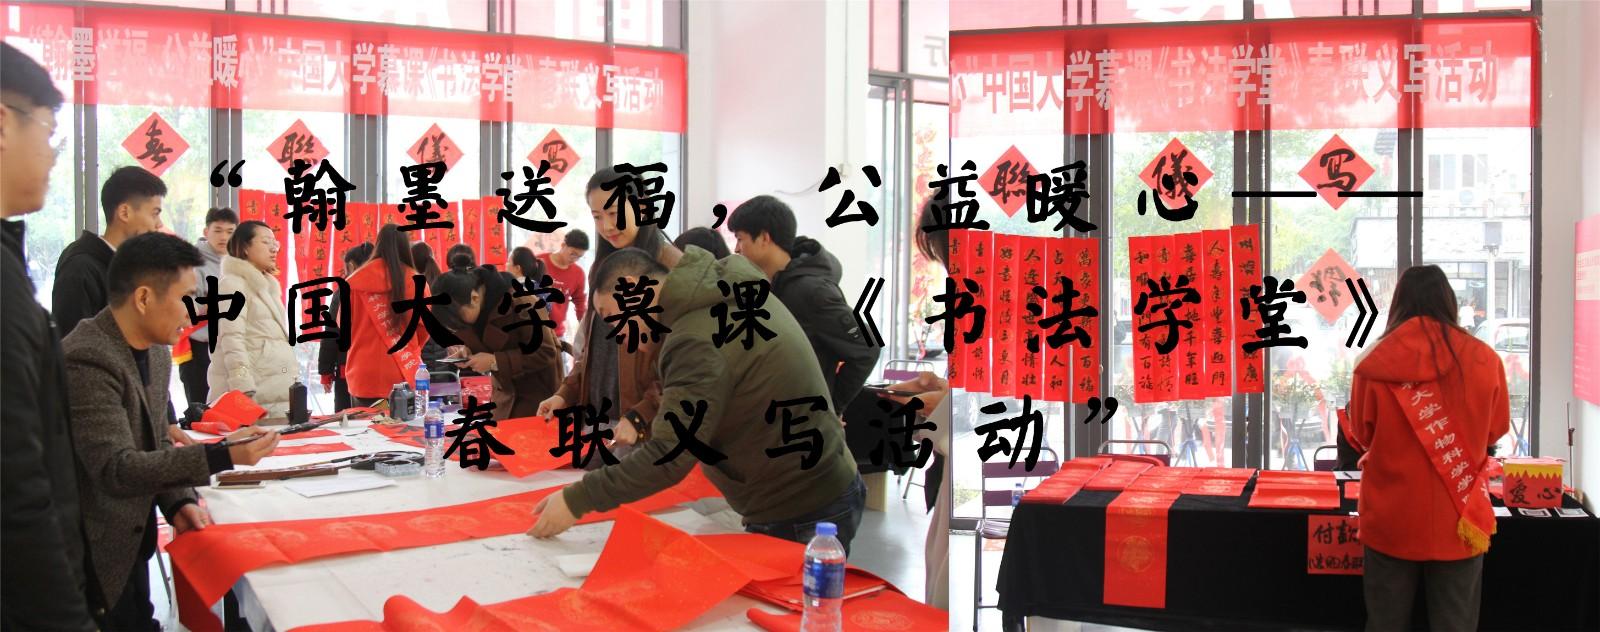 """""""翰墨送福,公益暖心——中国大学慕课《书法学堂》春联义写活动"""""""